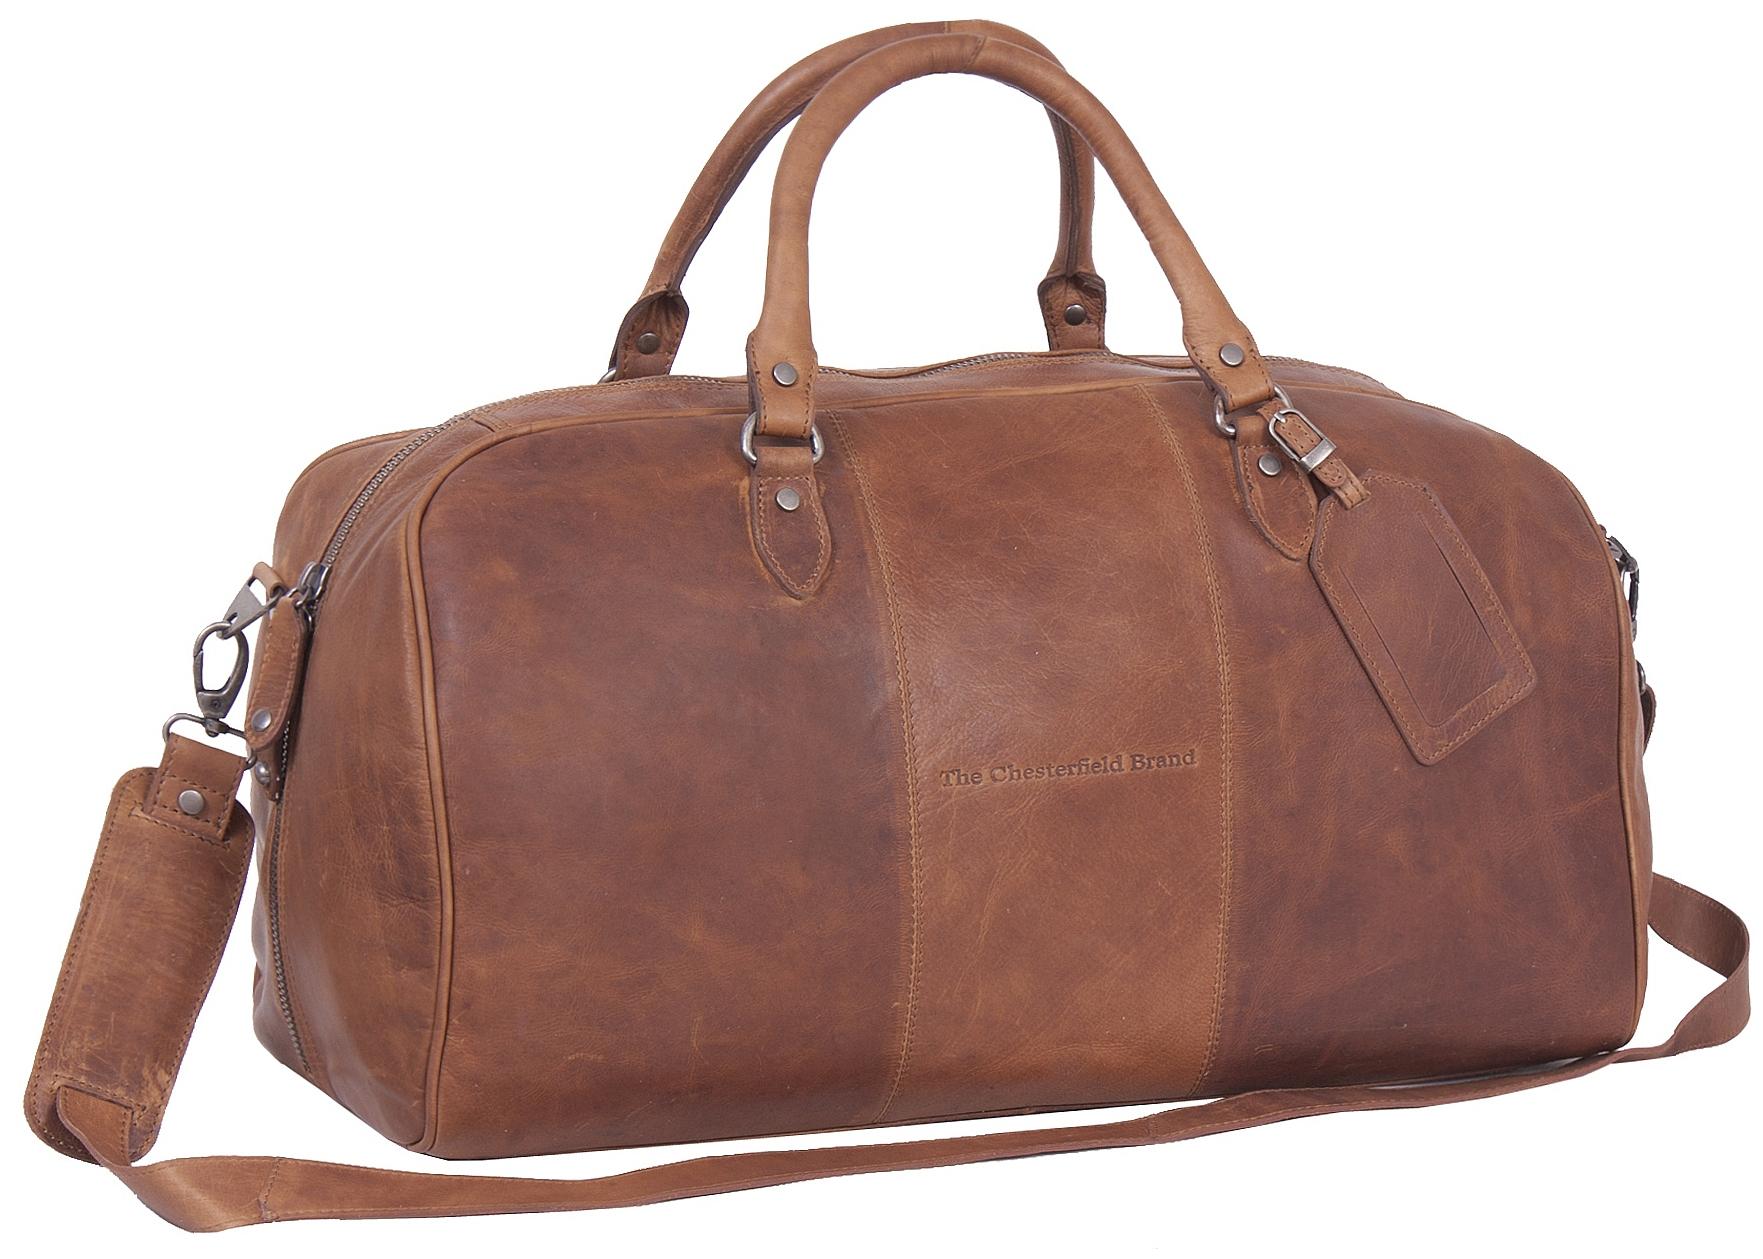 The Chesterfield Brand Kožená cestovní taška - weekender C20.000431 William koňak